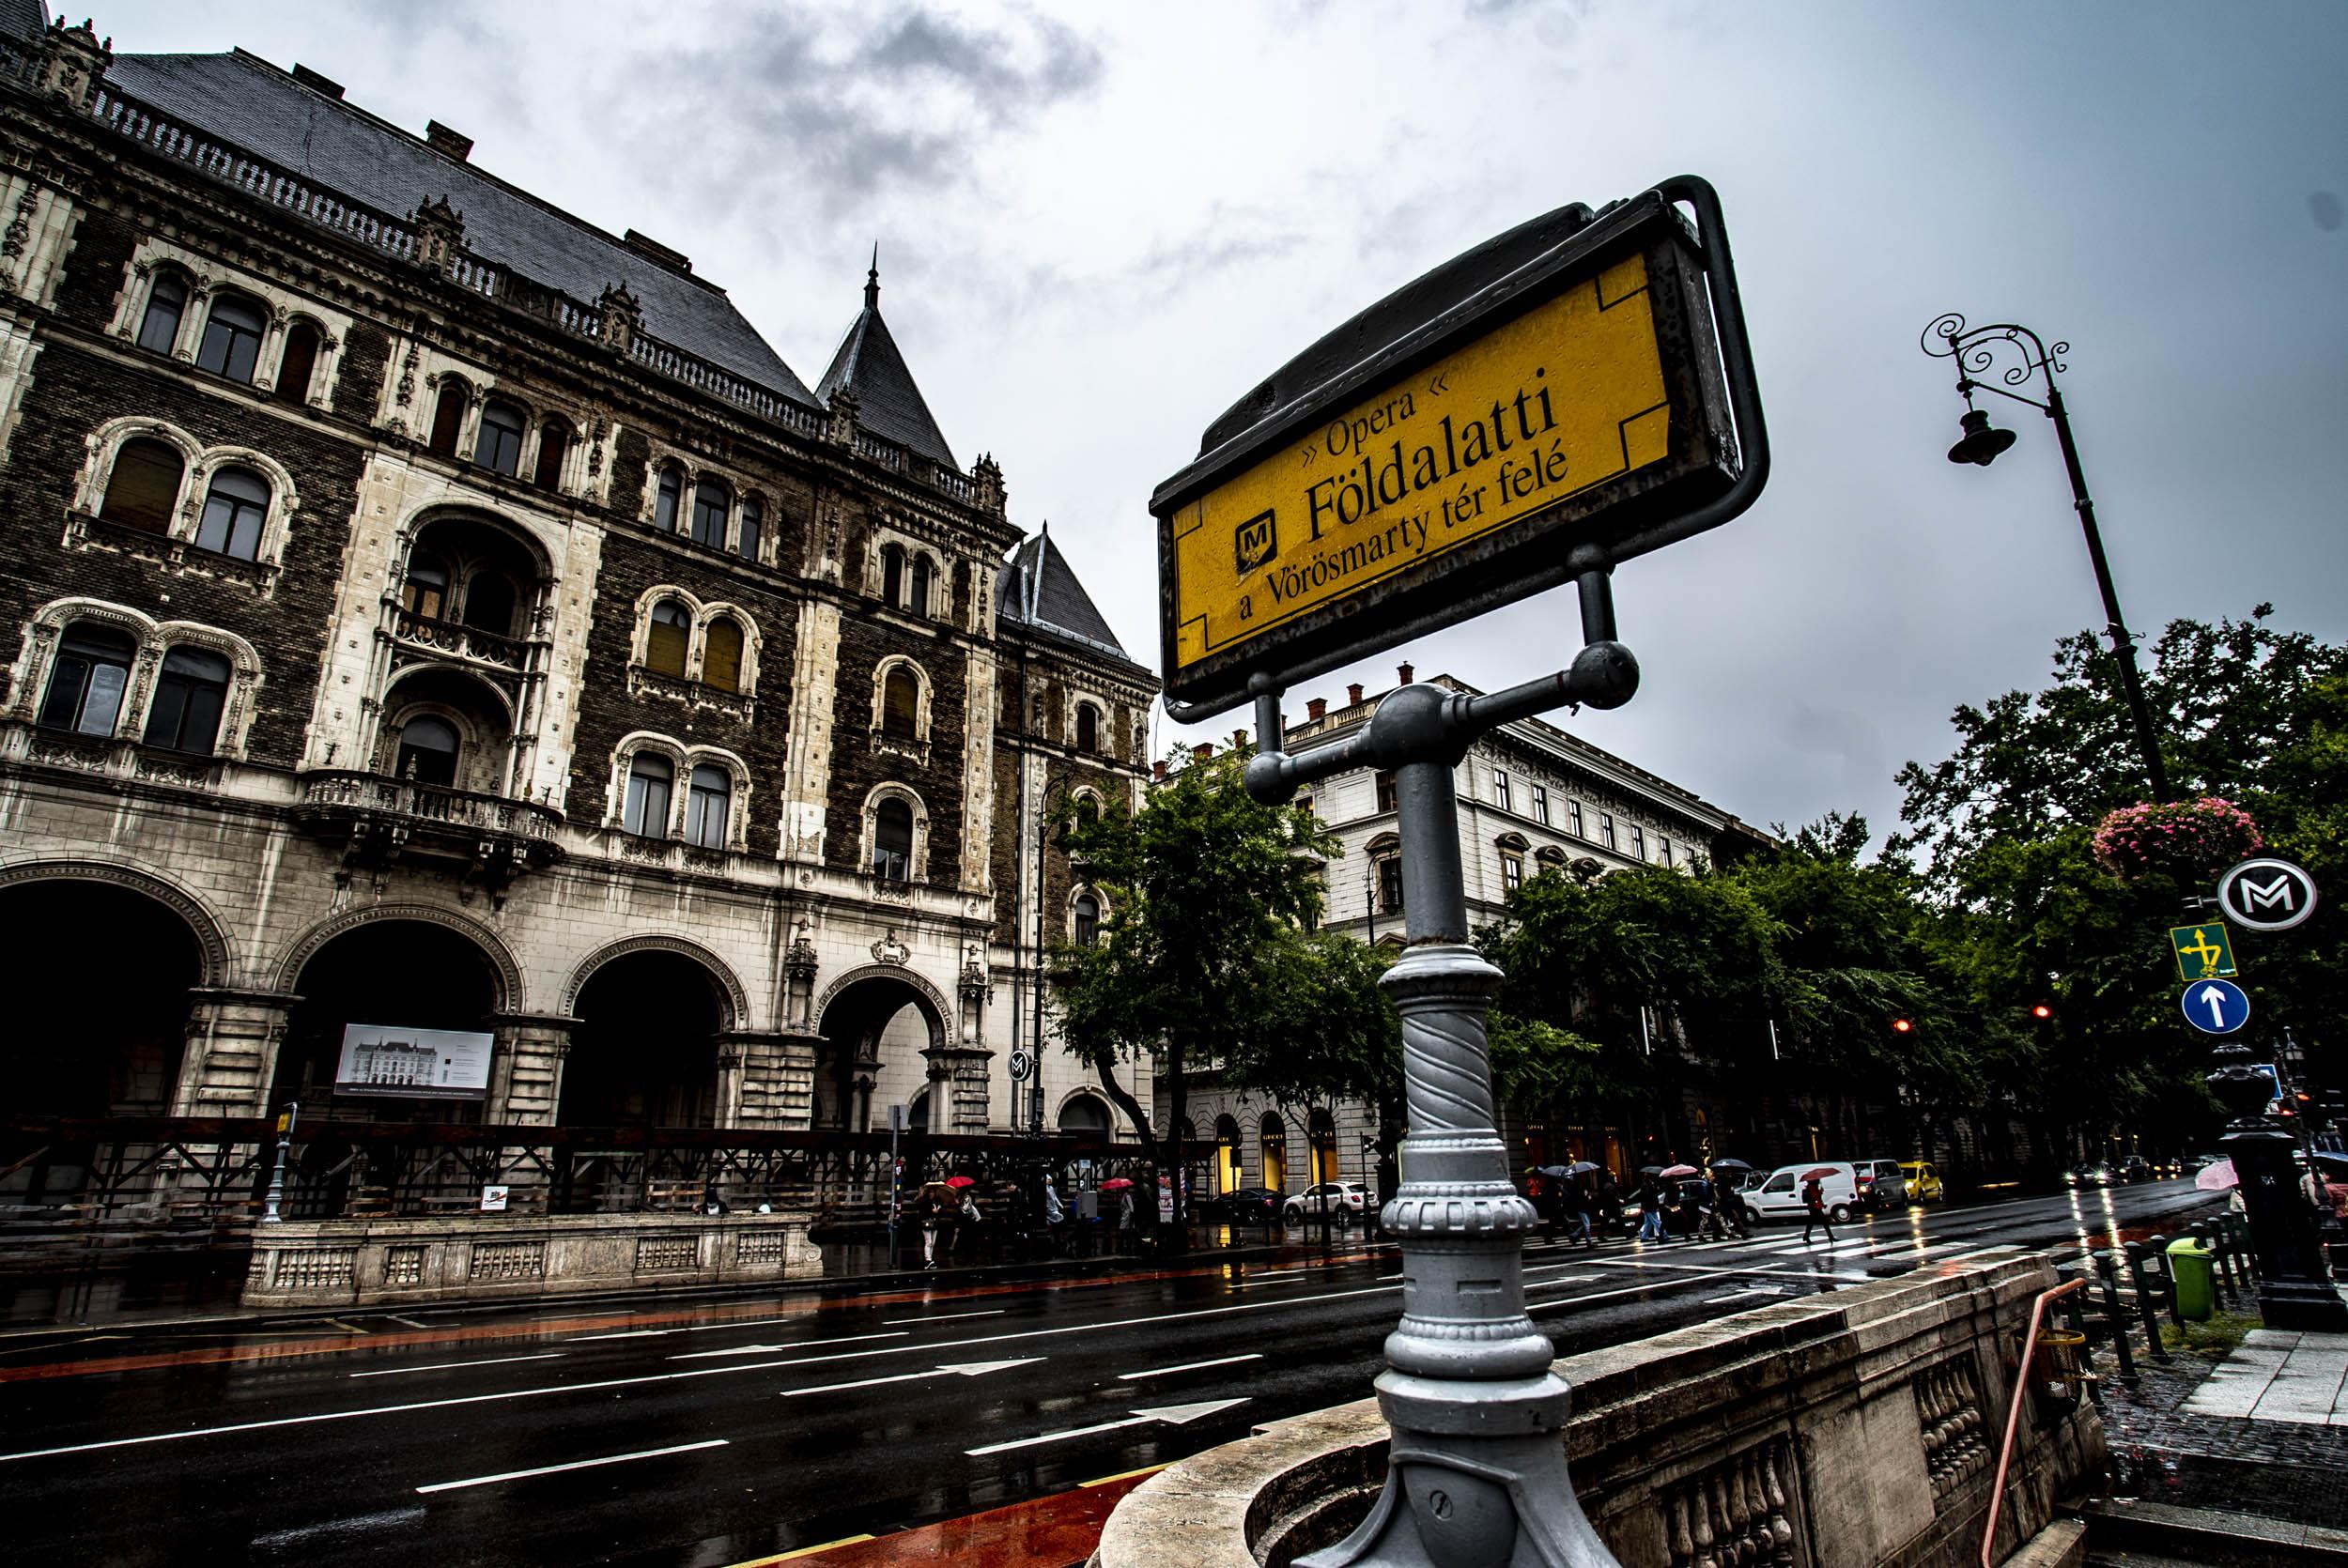 f4t (1 di 4) viaggio a budapest